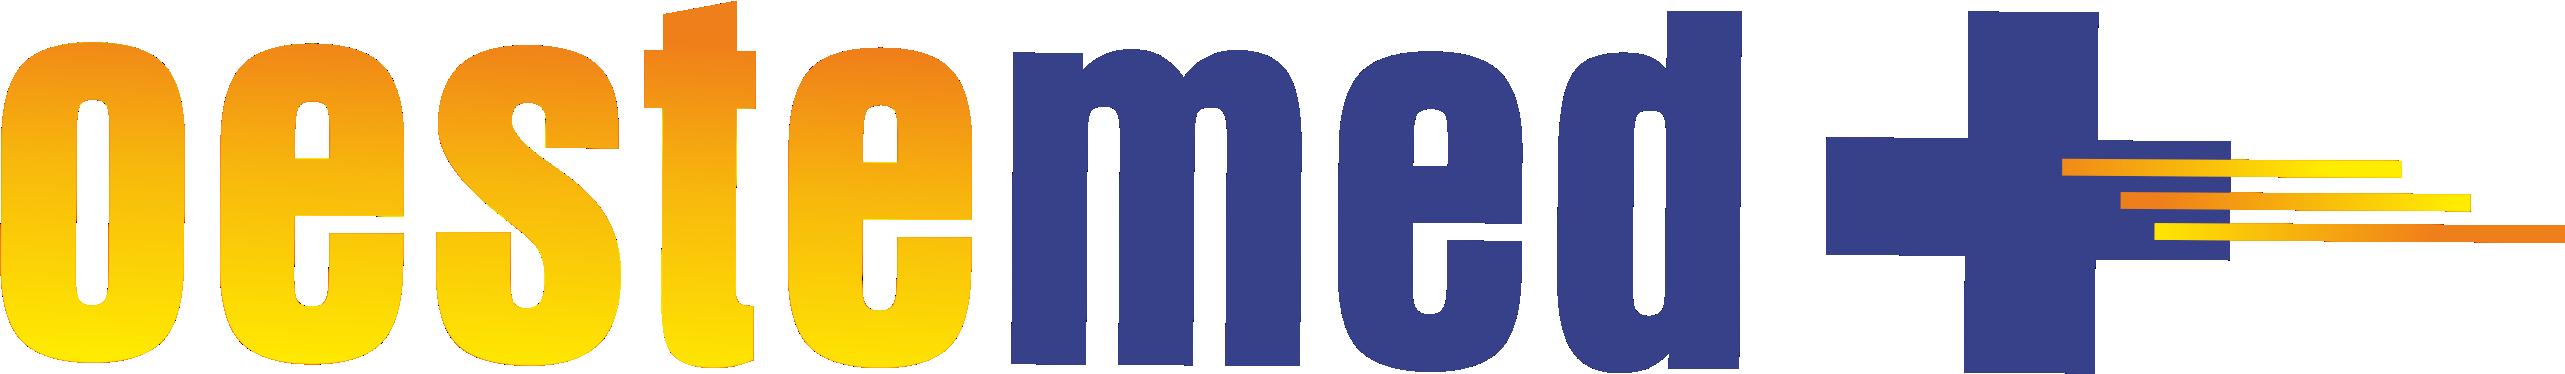 Oestemed - Comércio de Material Médico e Hospitalar, Lda